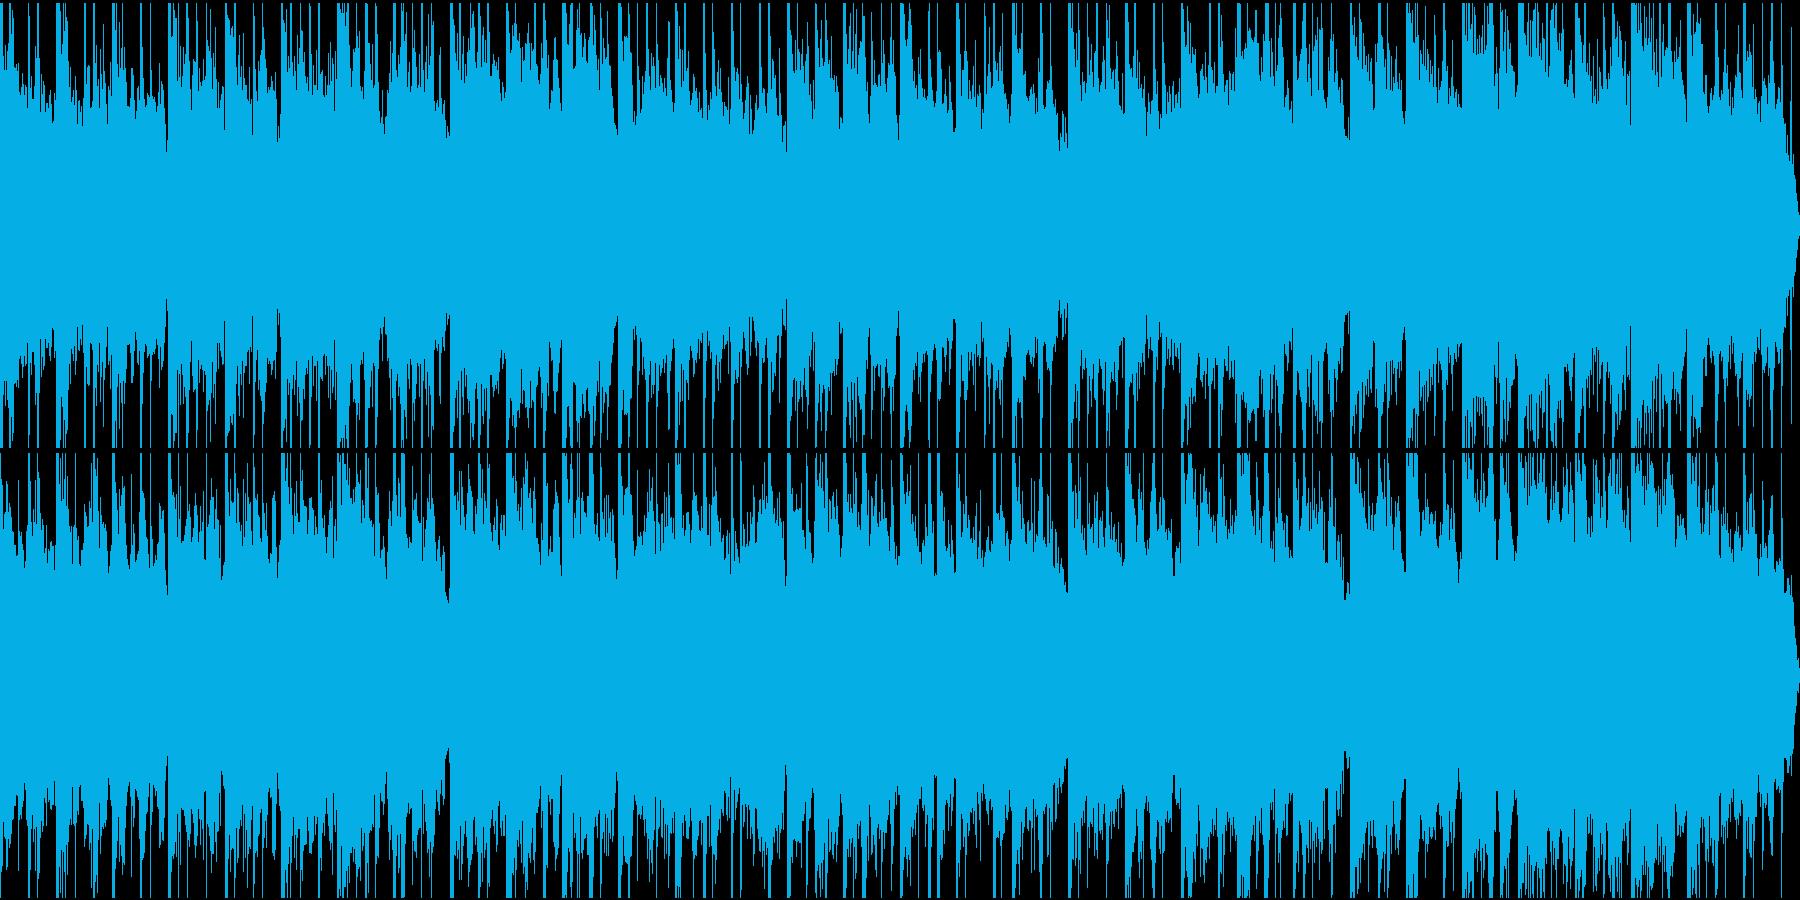 ドキュメンタリーやさしい曲2 リズム入りの再生済みの波形